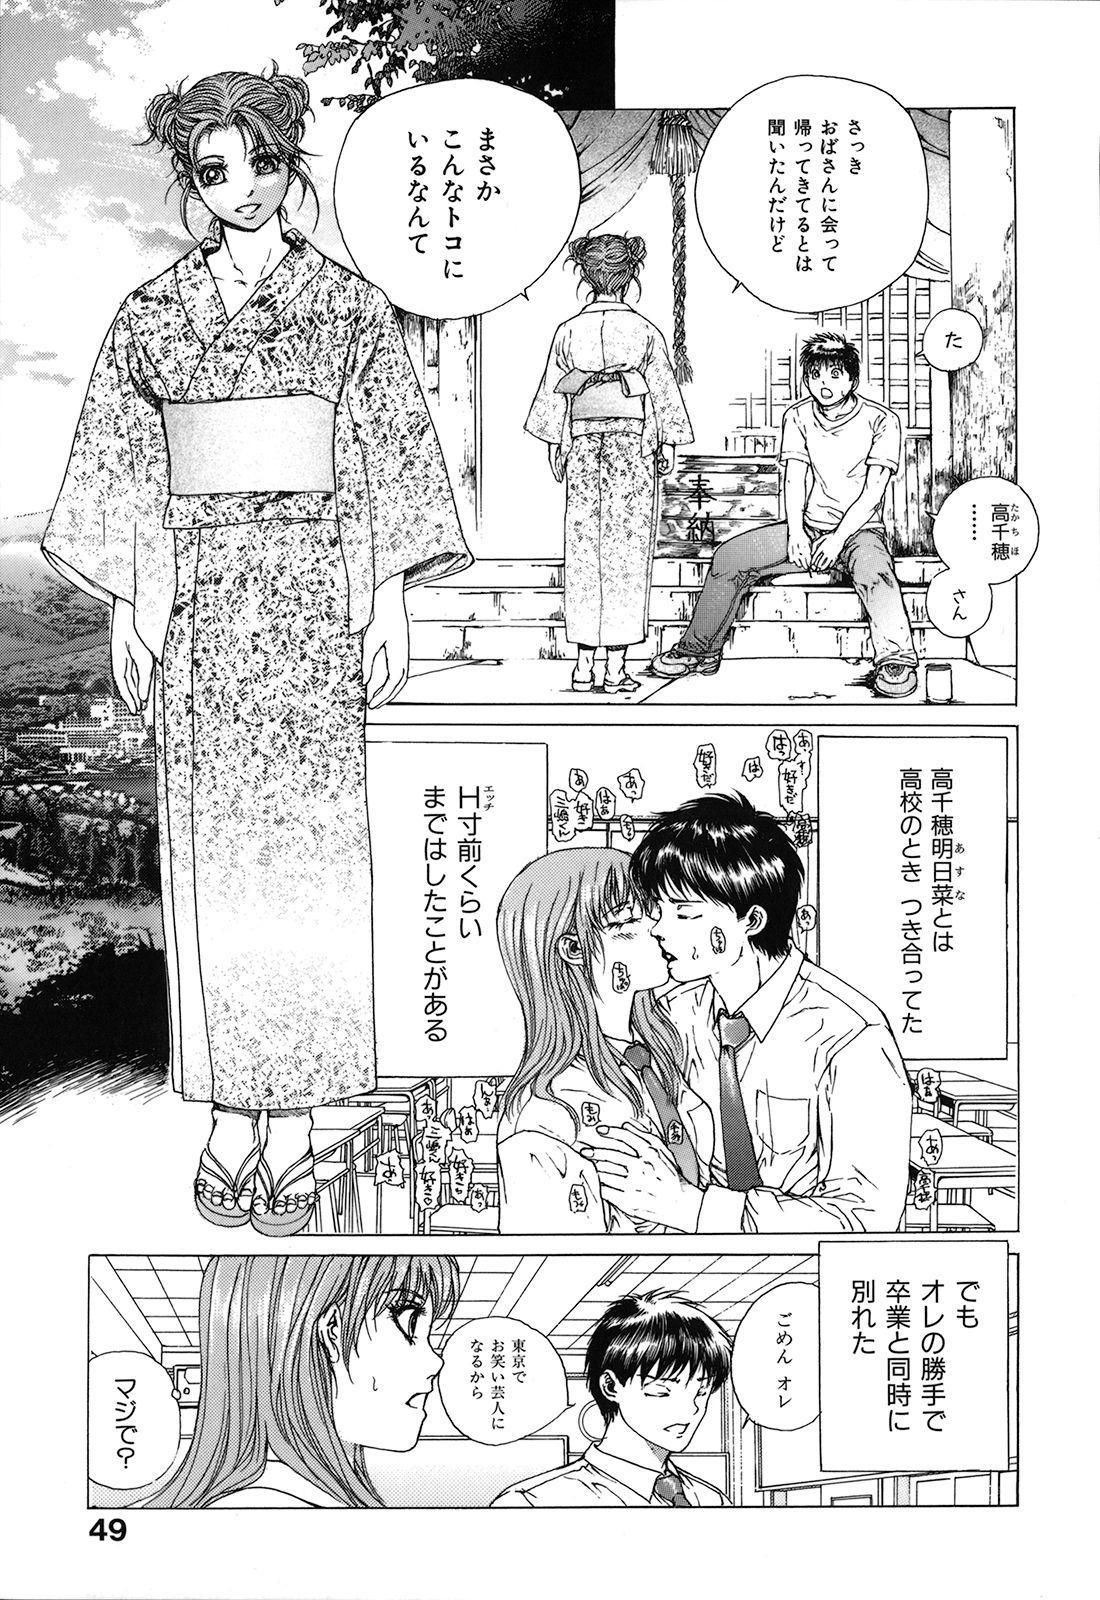 Kou Musume 52